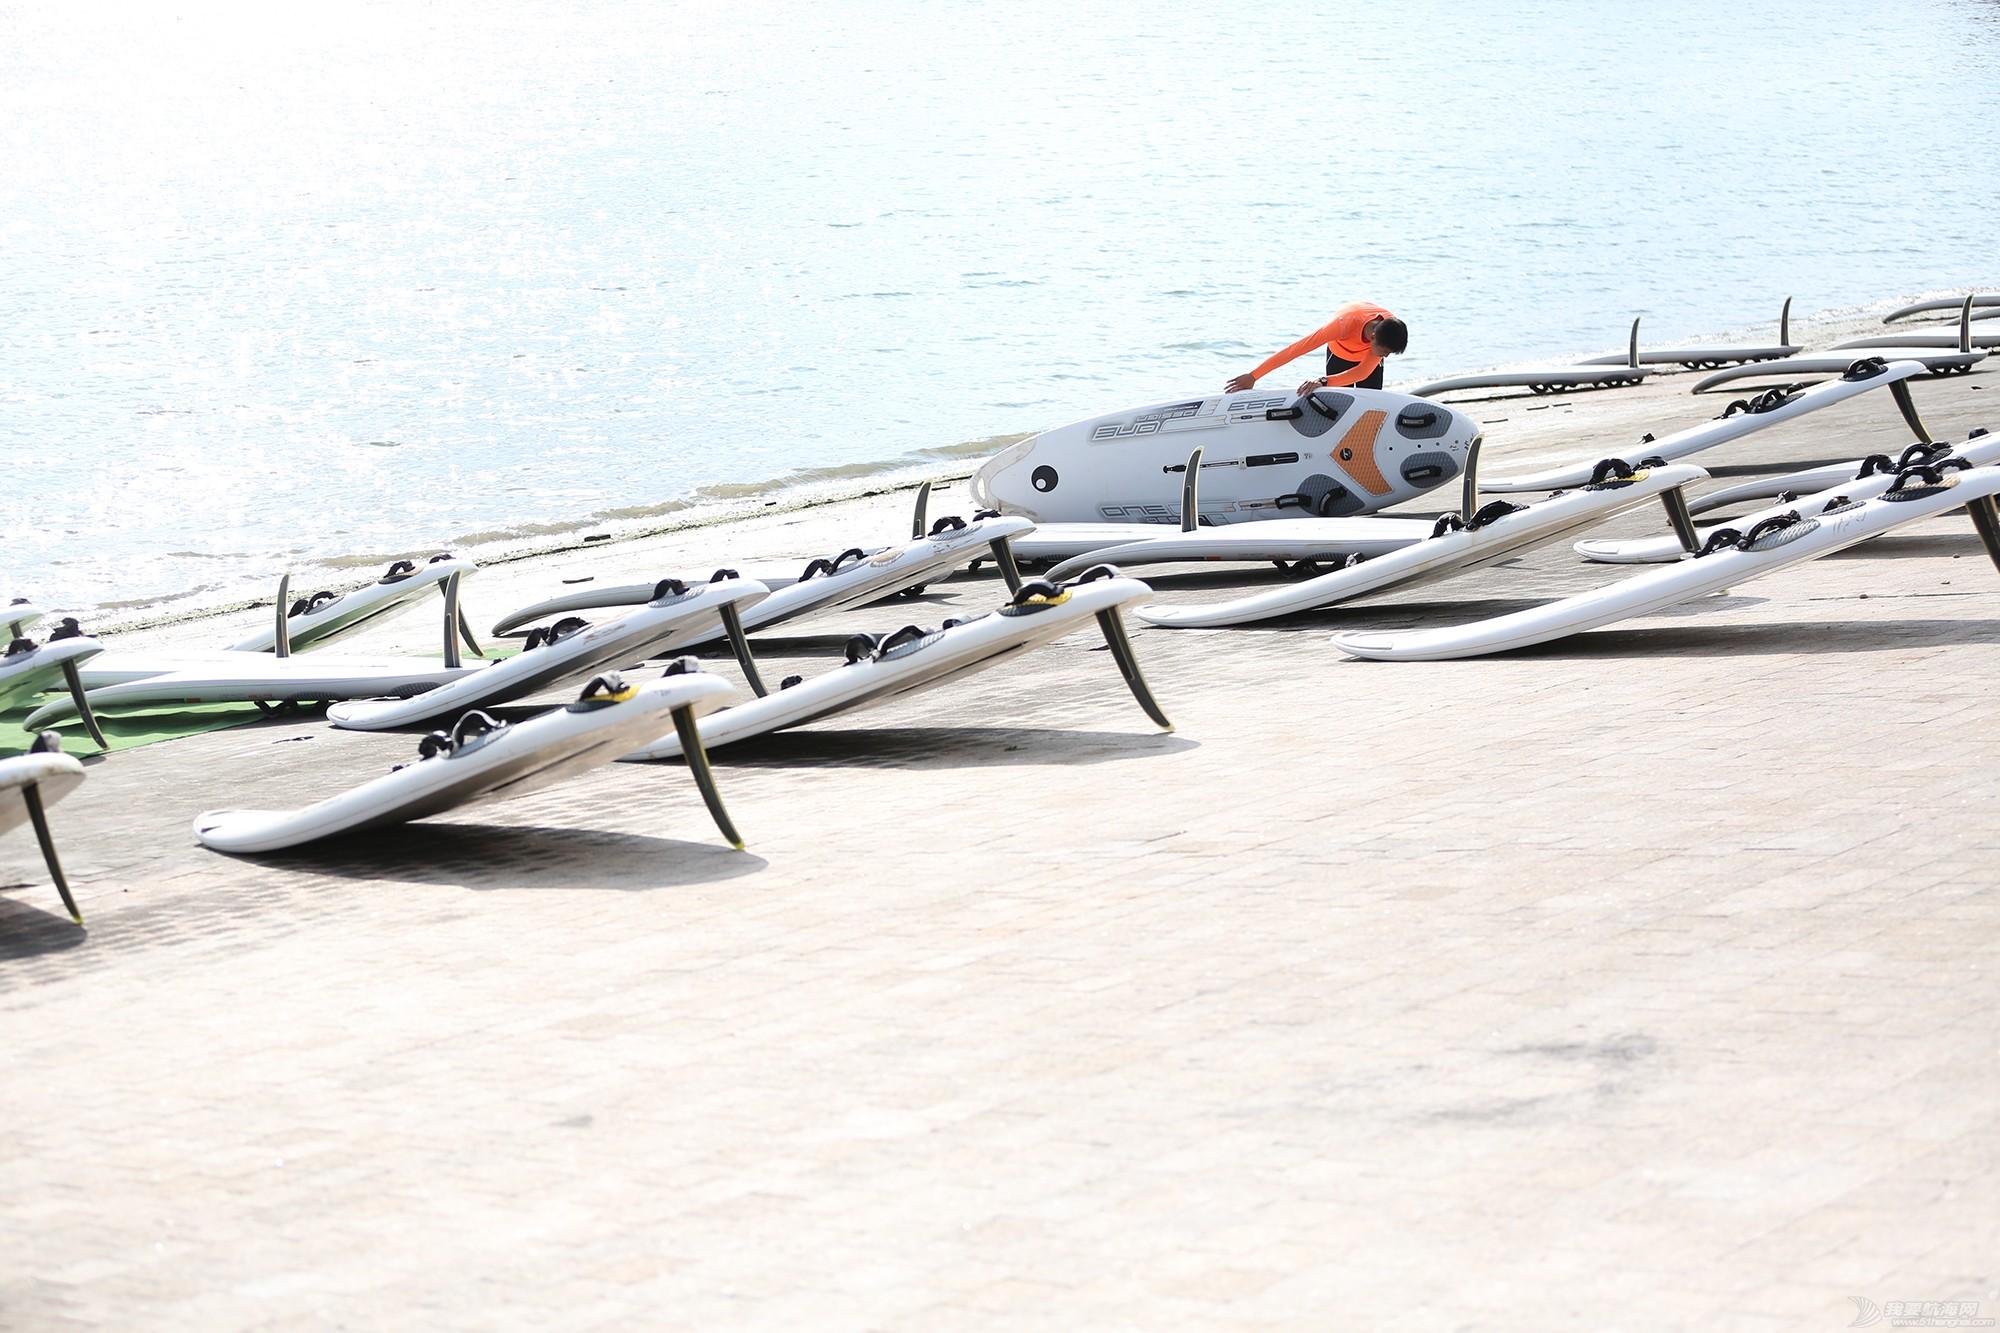 山东省,冠军赛,帆板,帆船 忙碌的赛前准备——山东省帆船帆板冠军赛花絮 5V8A9451.JPG